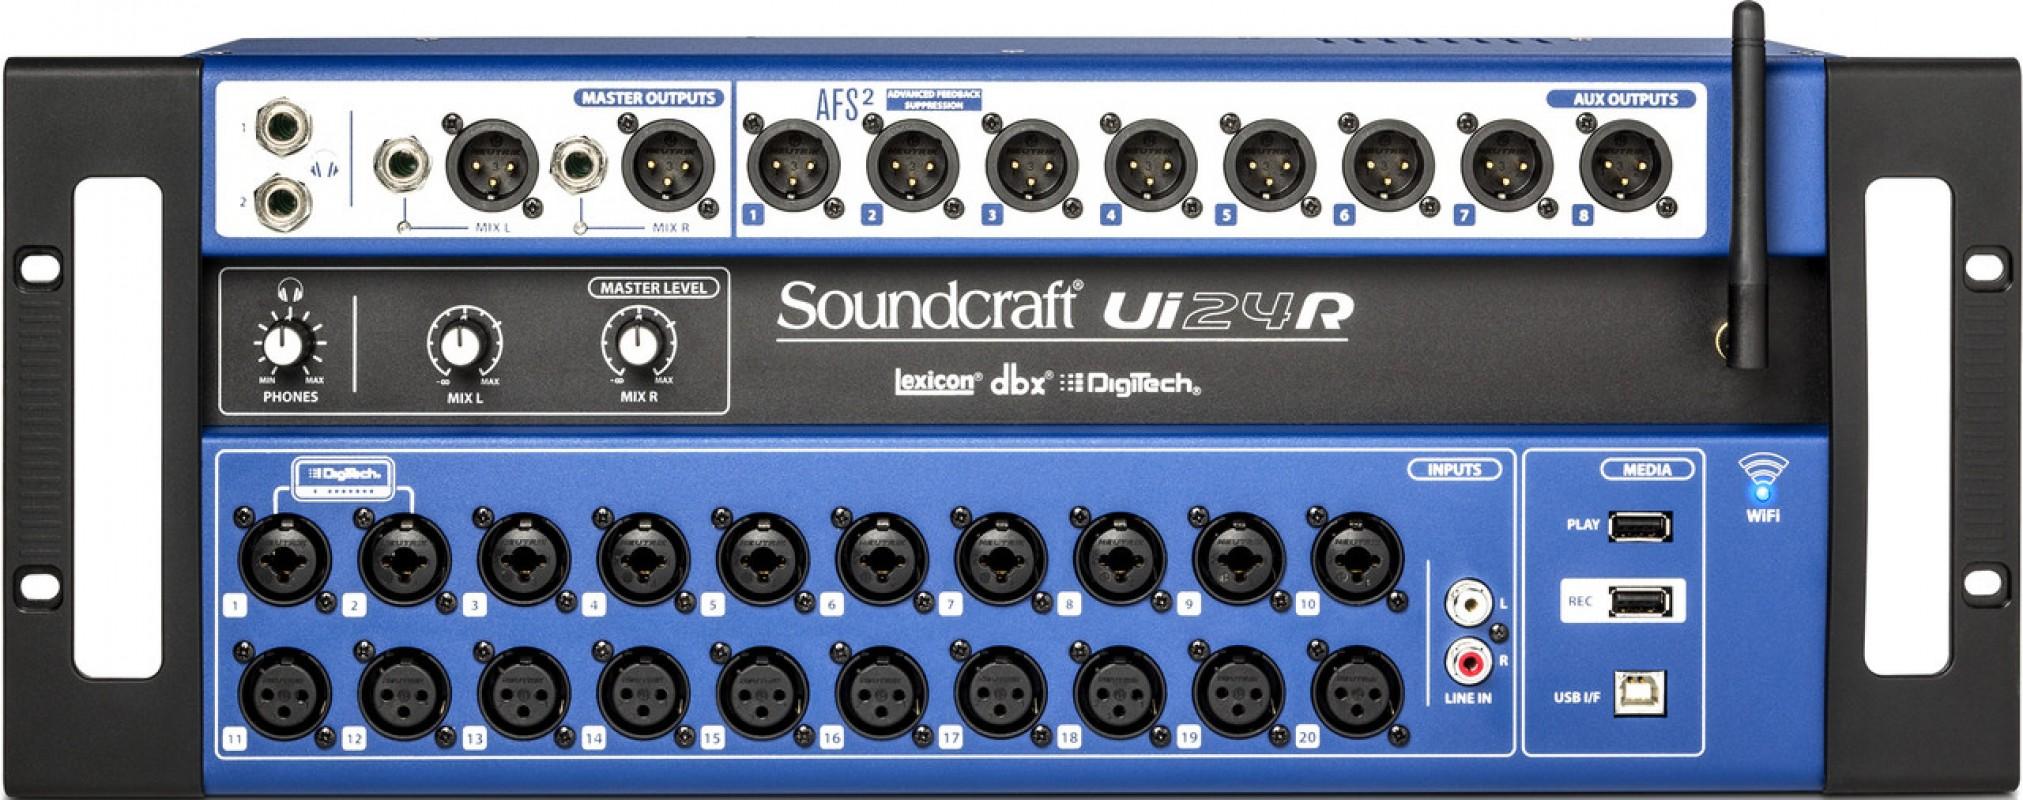 Soundcraft Ui 24R